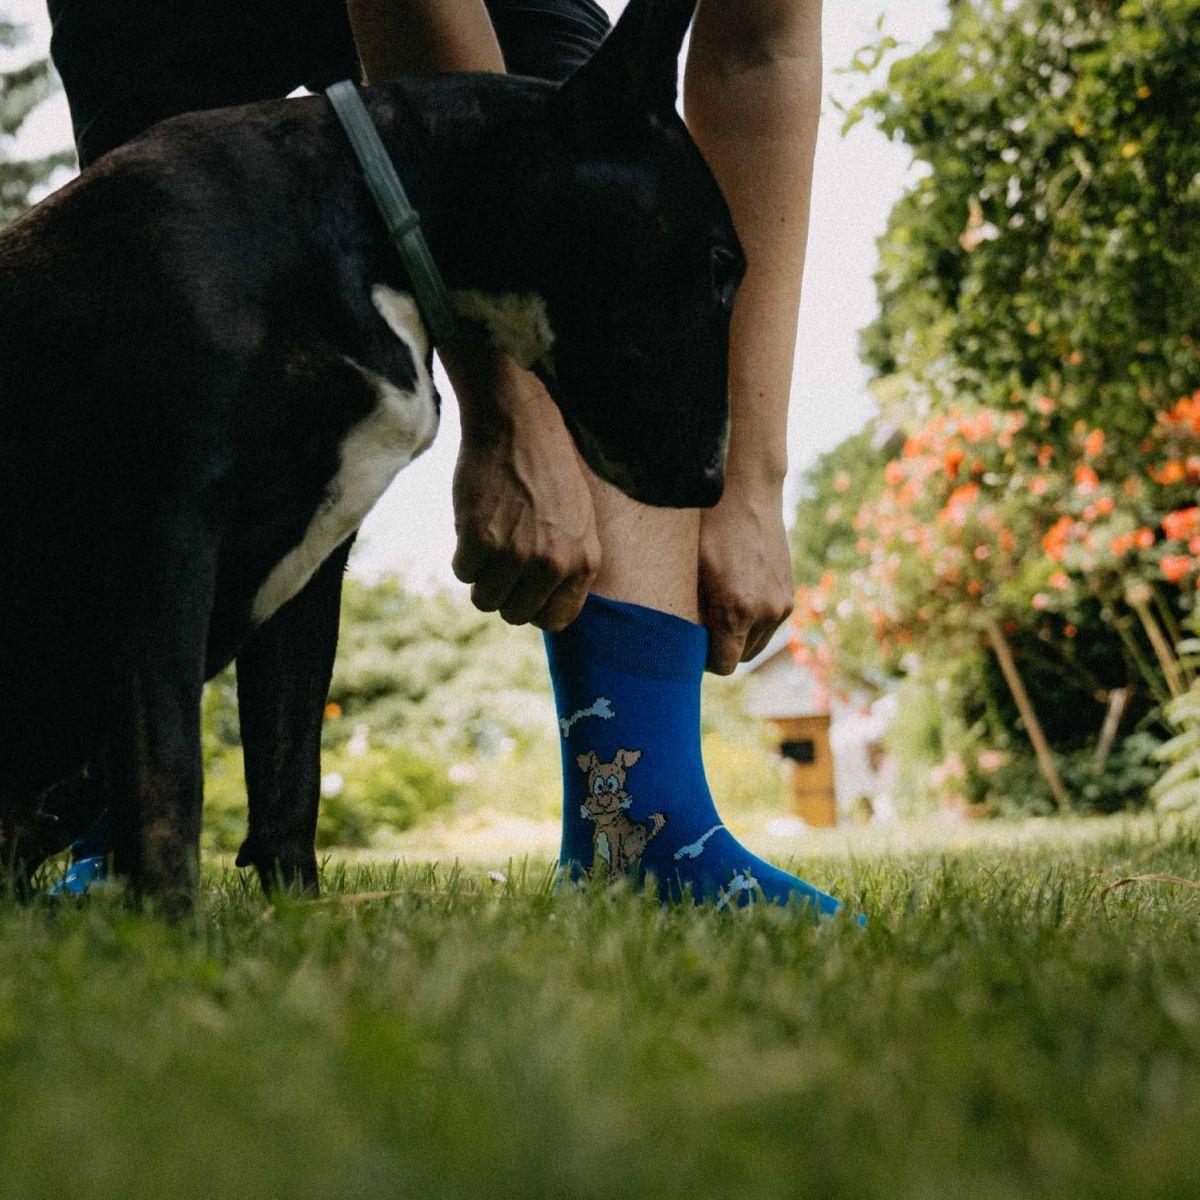 Șosete - Câine p3